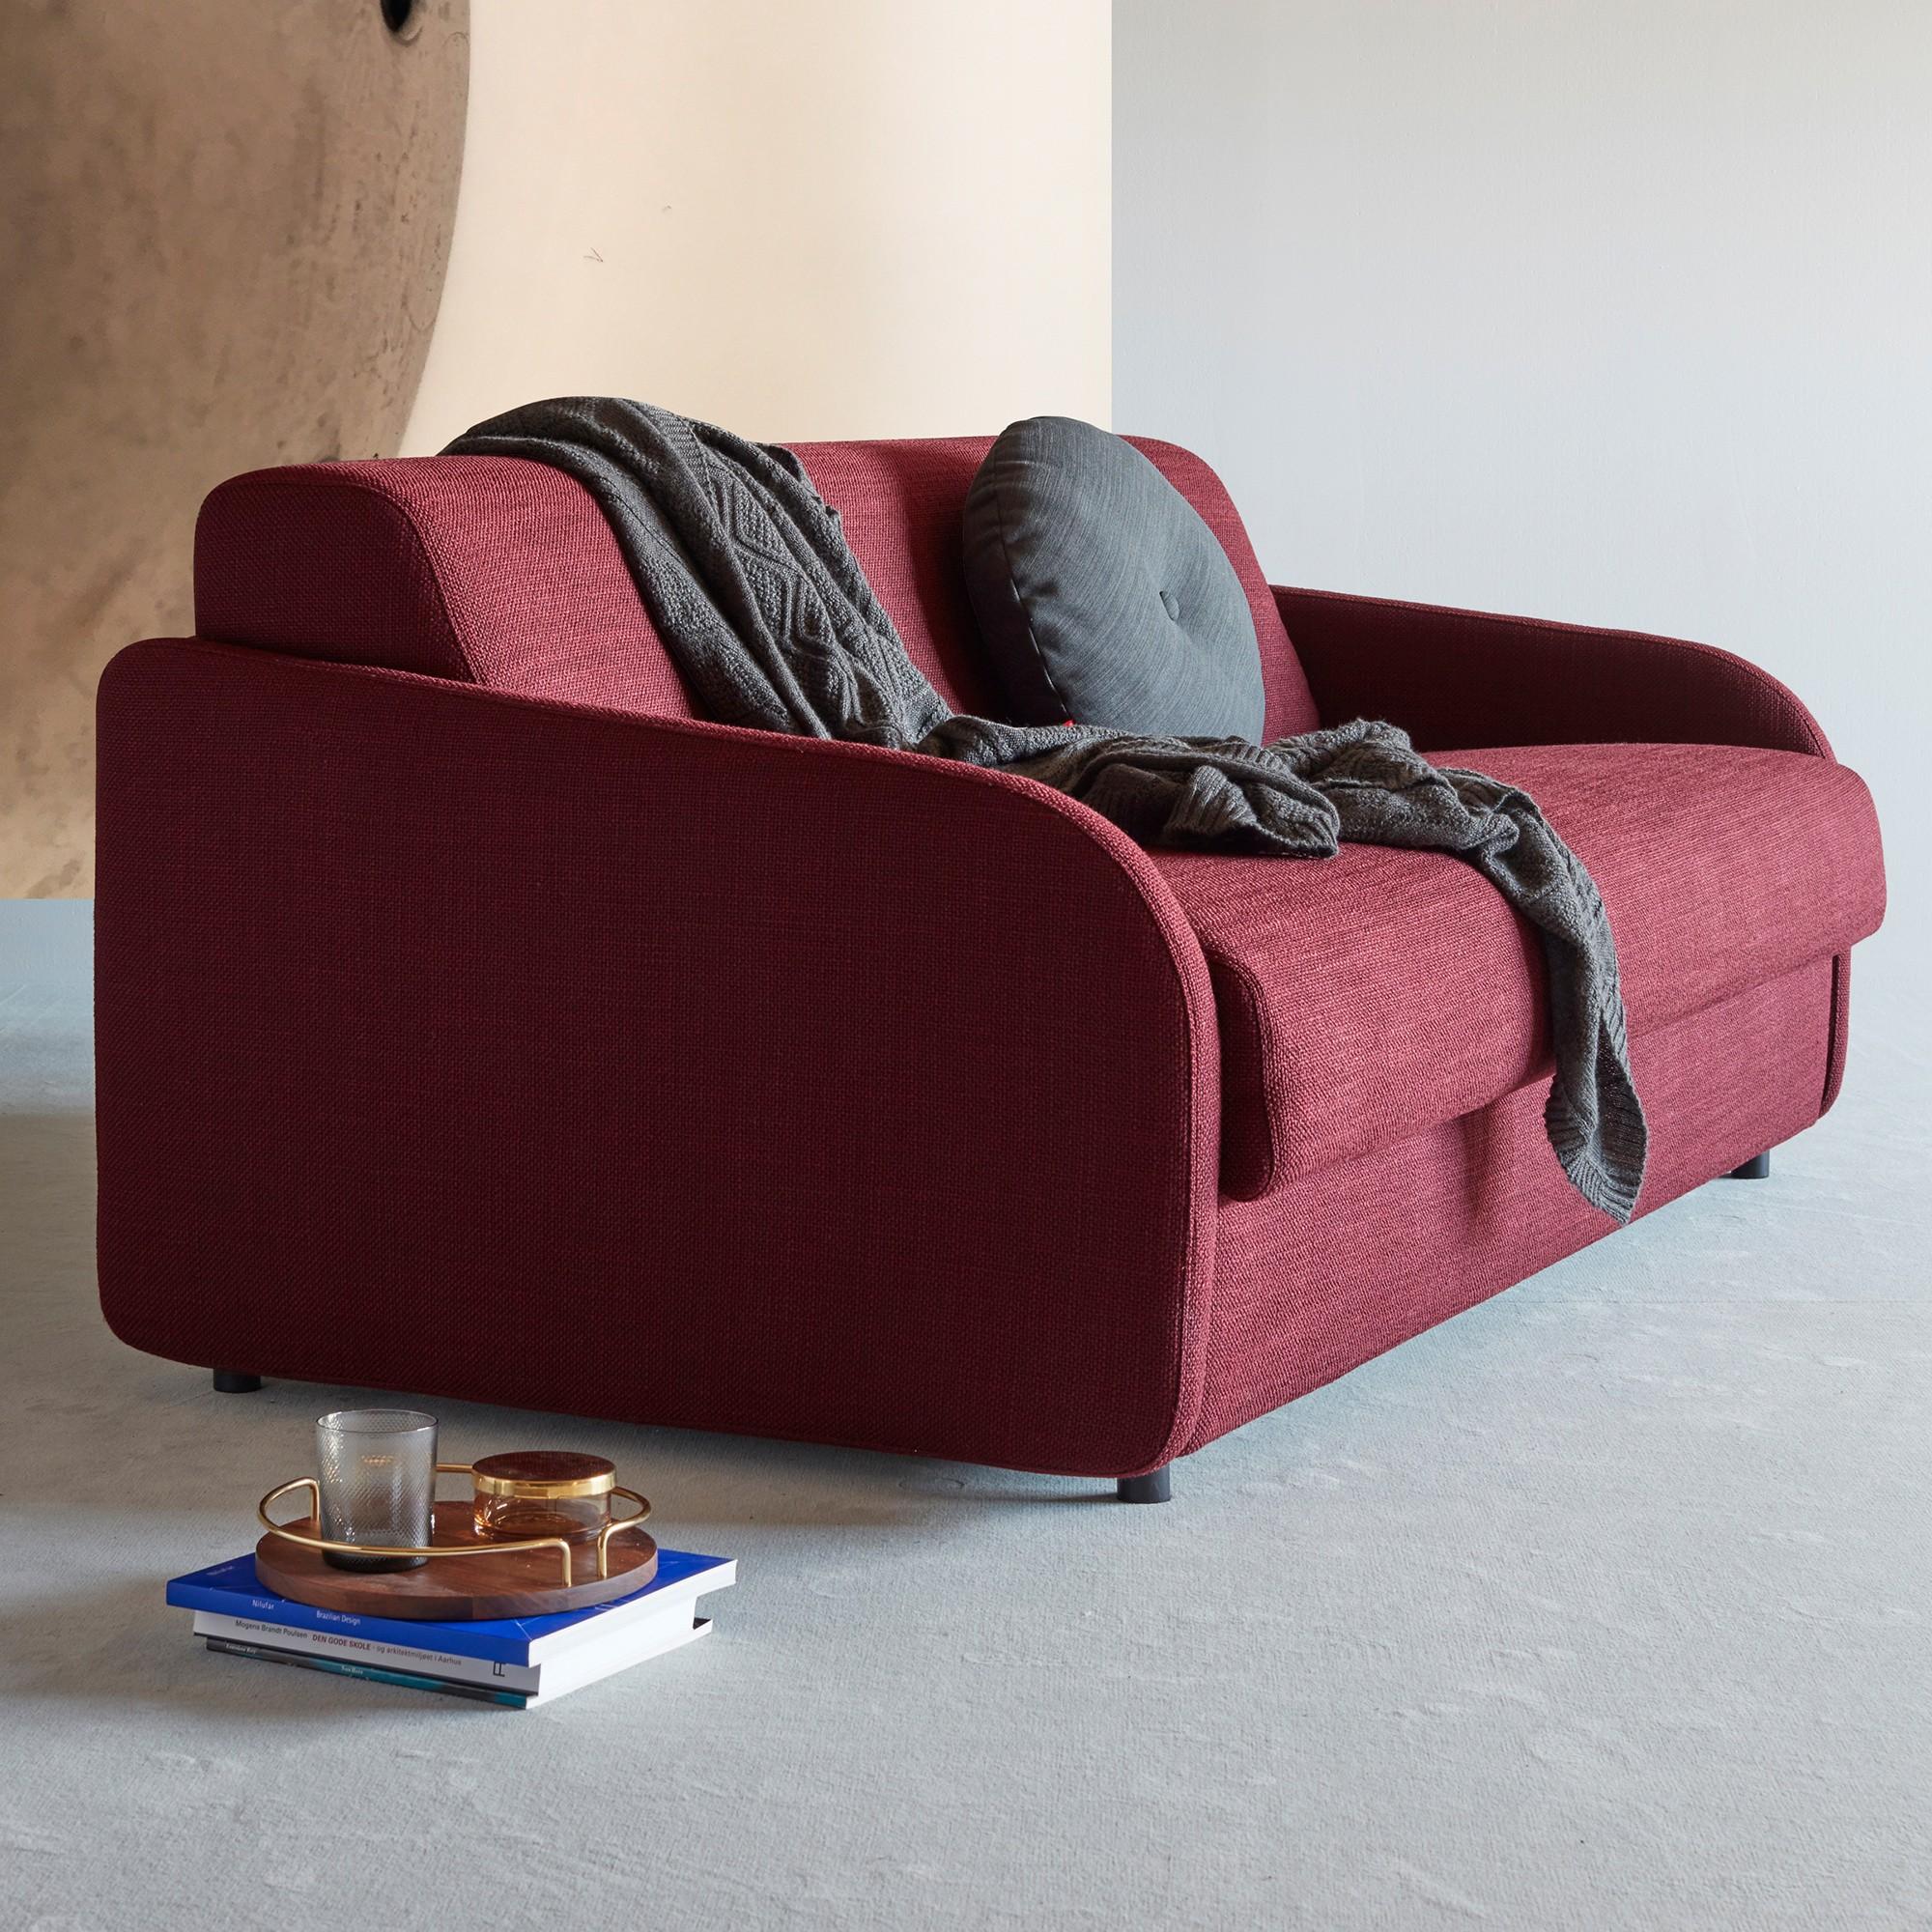 Eivor Sofa Bed With Mattress 174x101cm